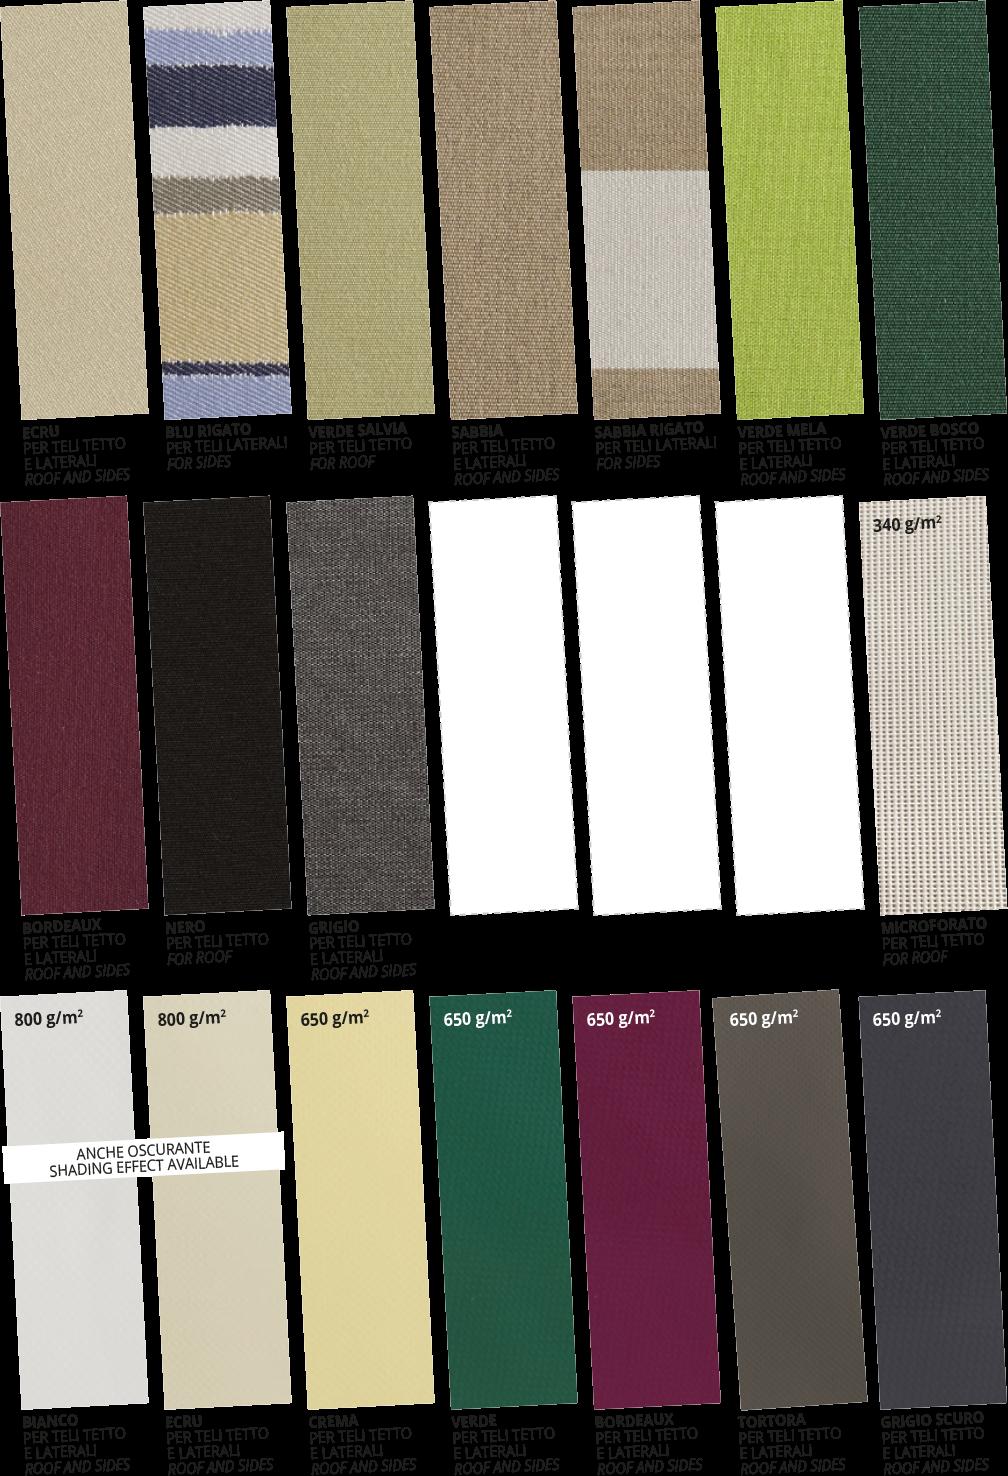 Colori Stoffe - Strutture